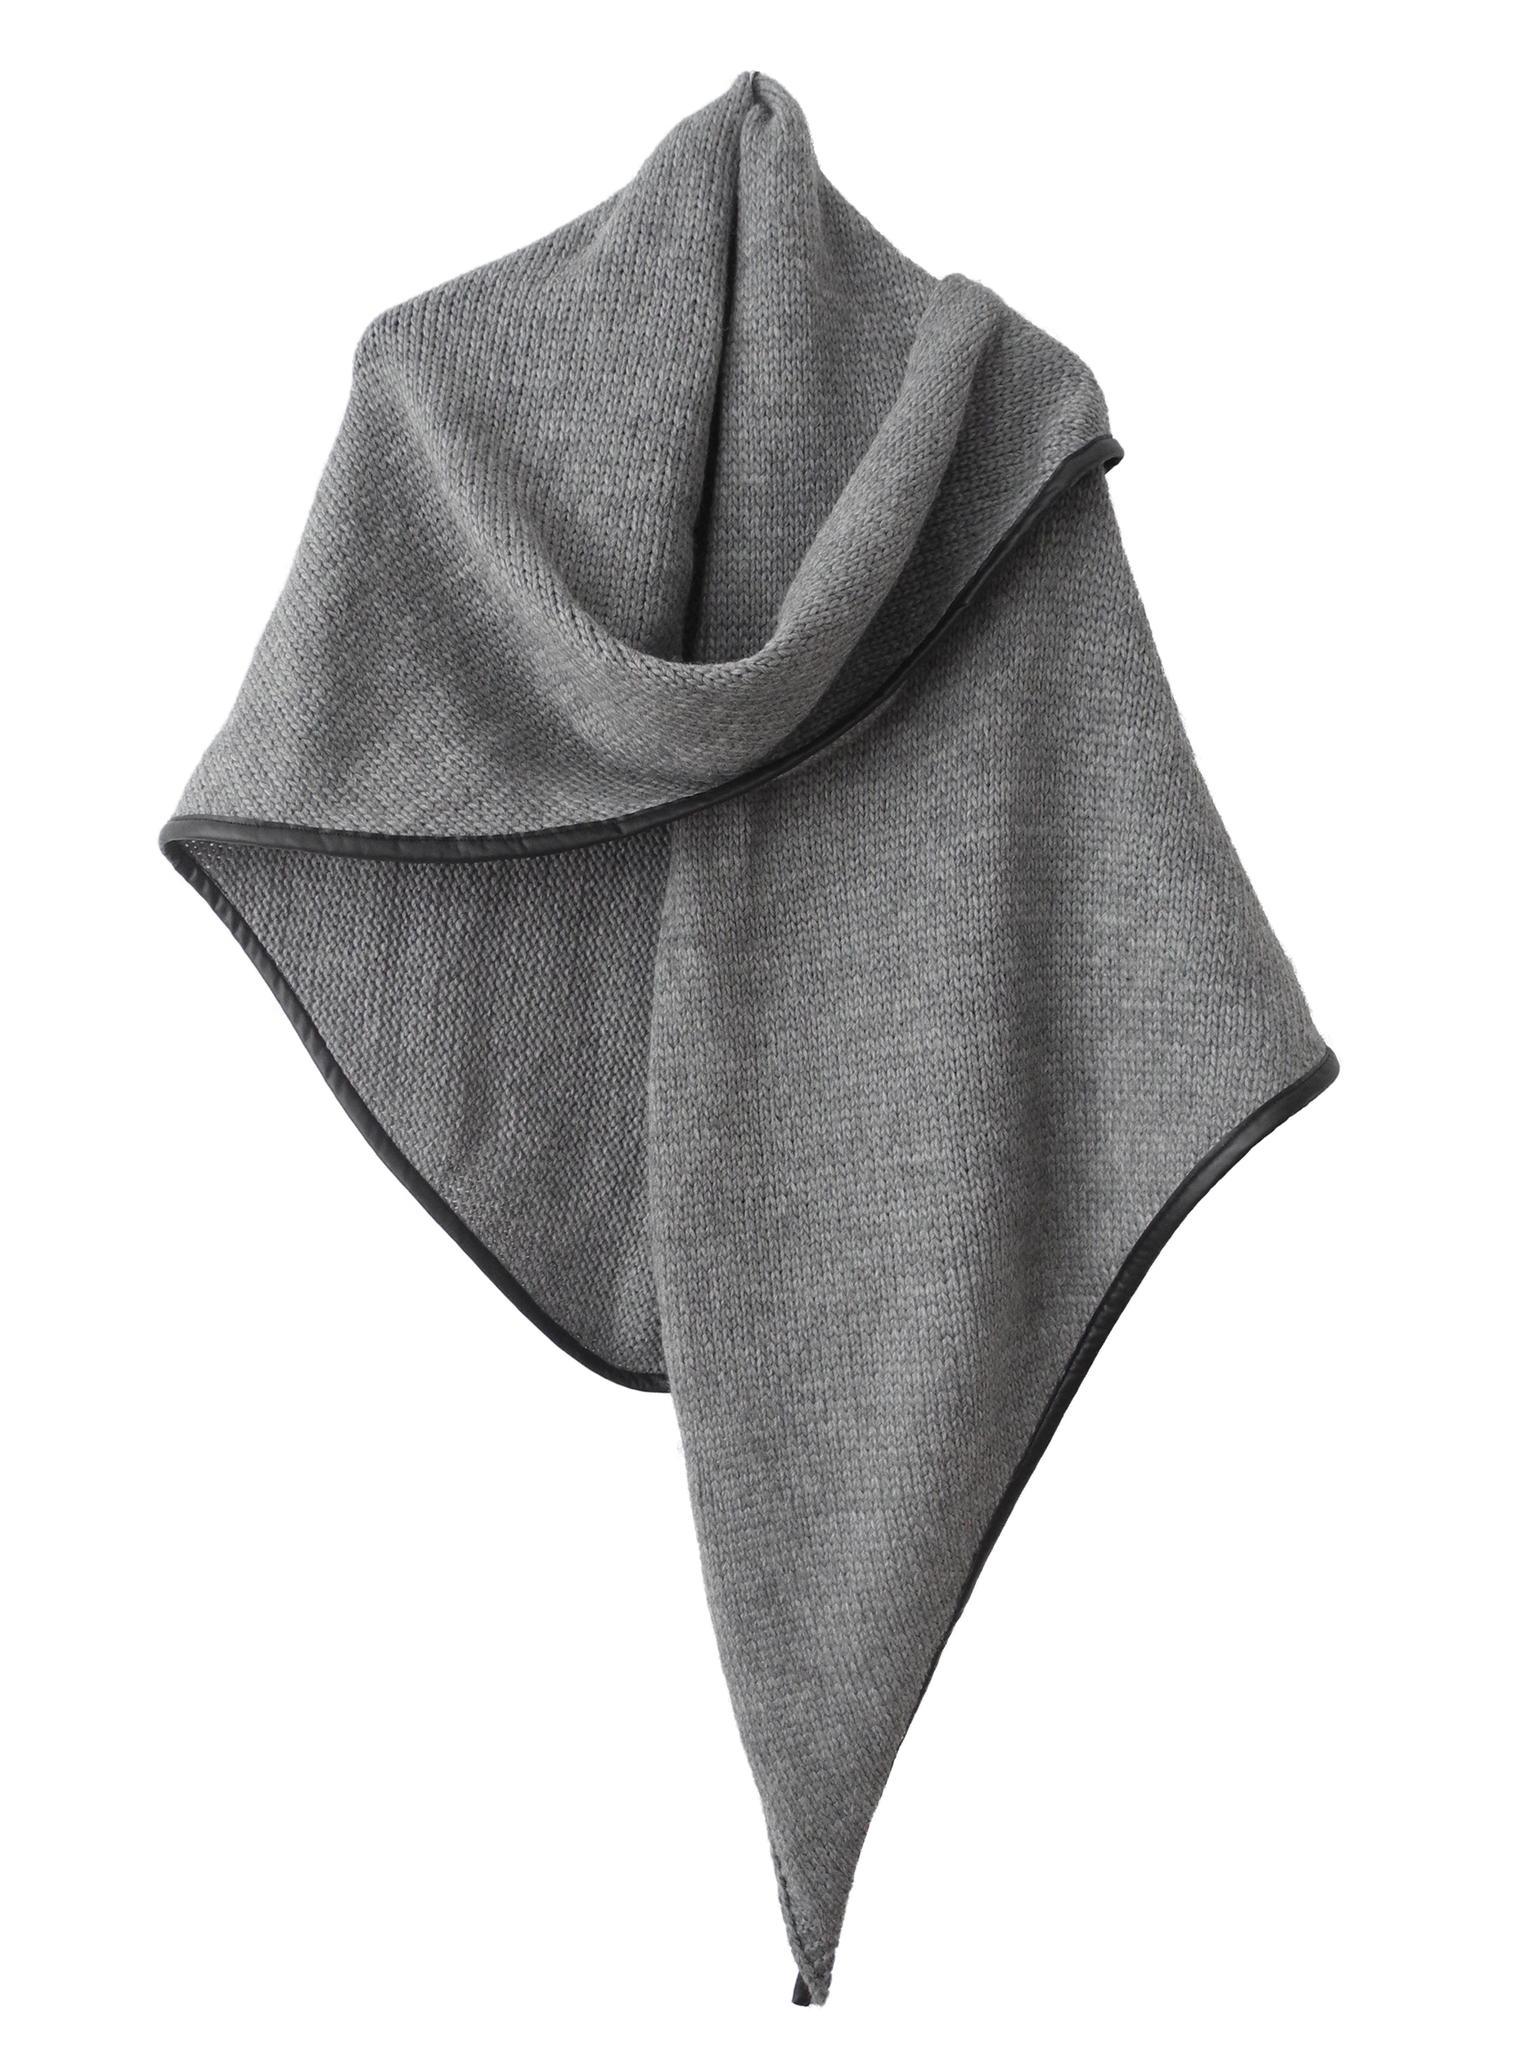 omslagdoek sjaalmania grijs